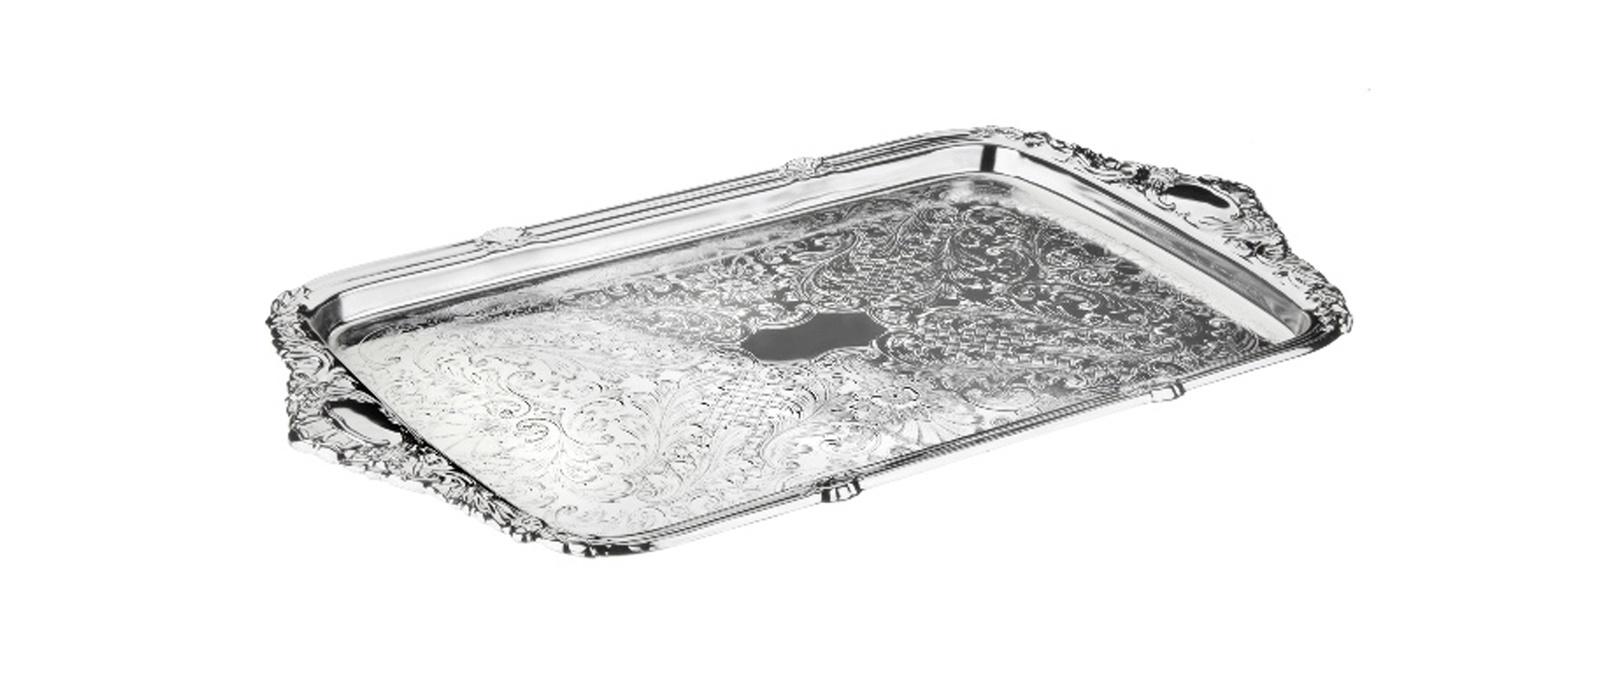 Поднос Queen Anne, QA-0/6458, серебро, 36х25 см muuto предмет сервировки стола